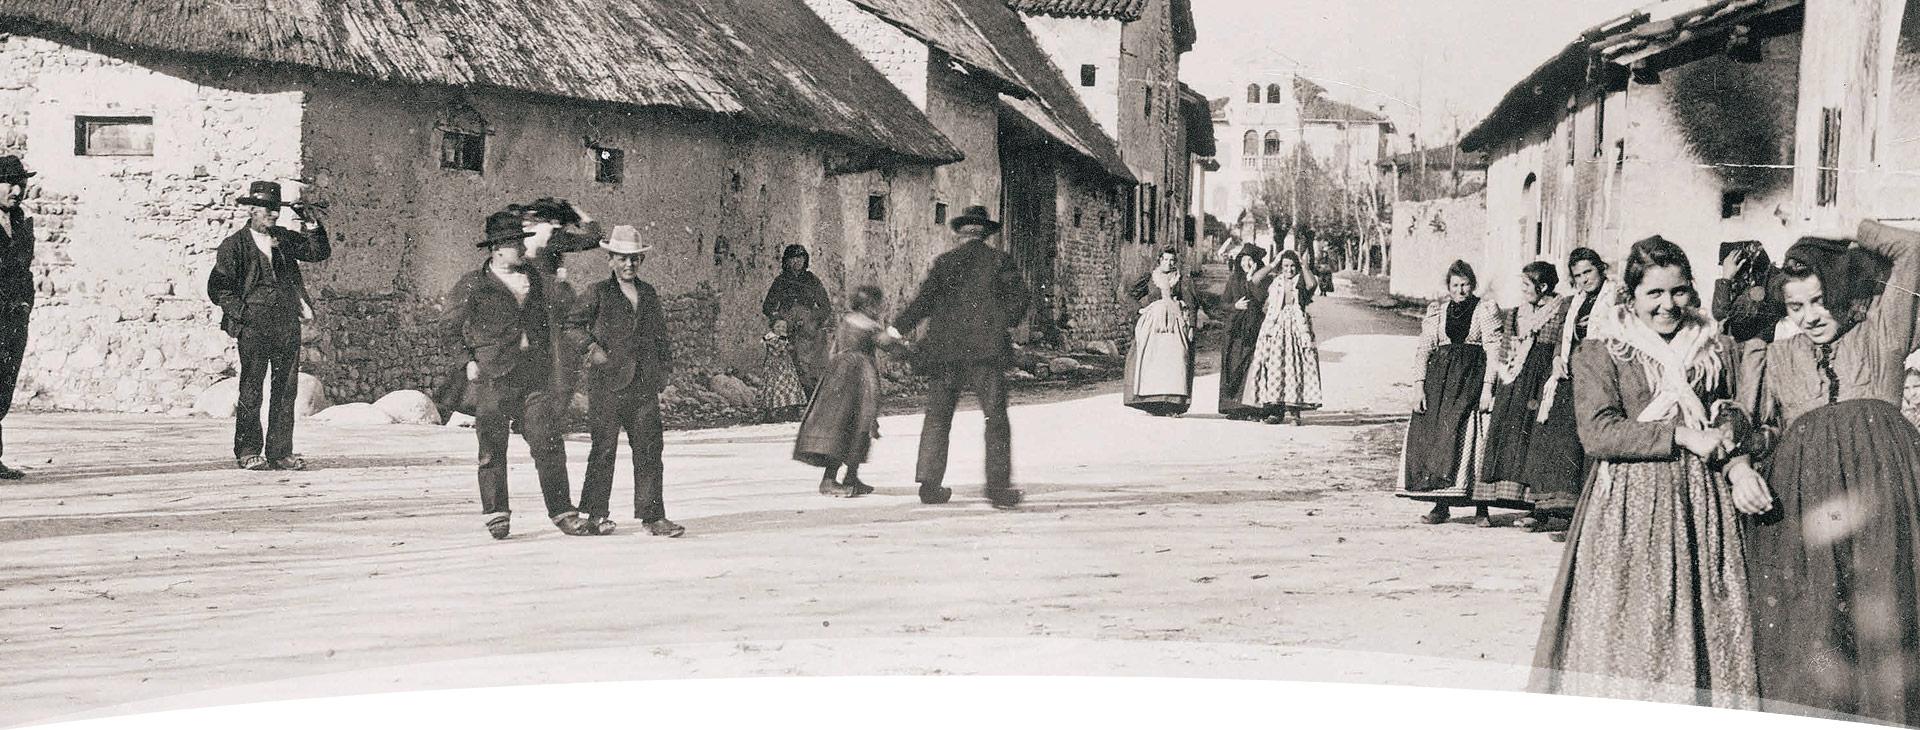 San Quirino 1873